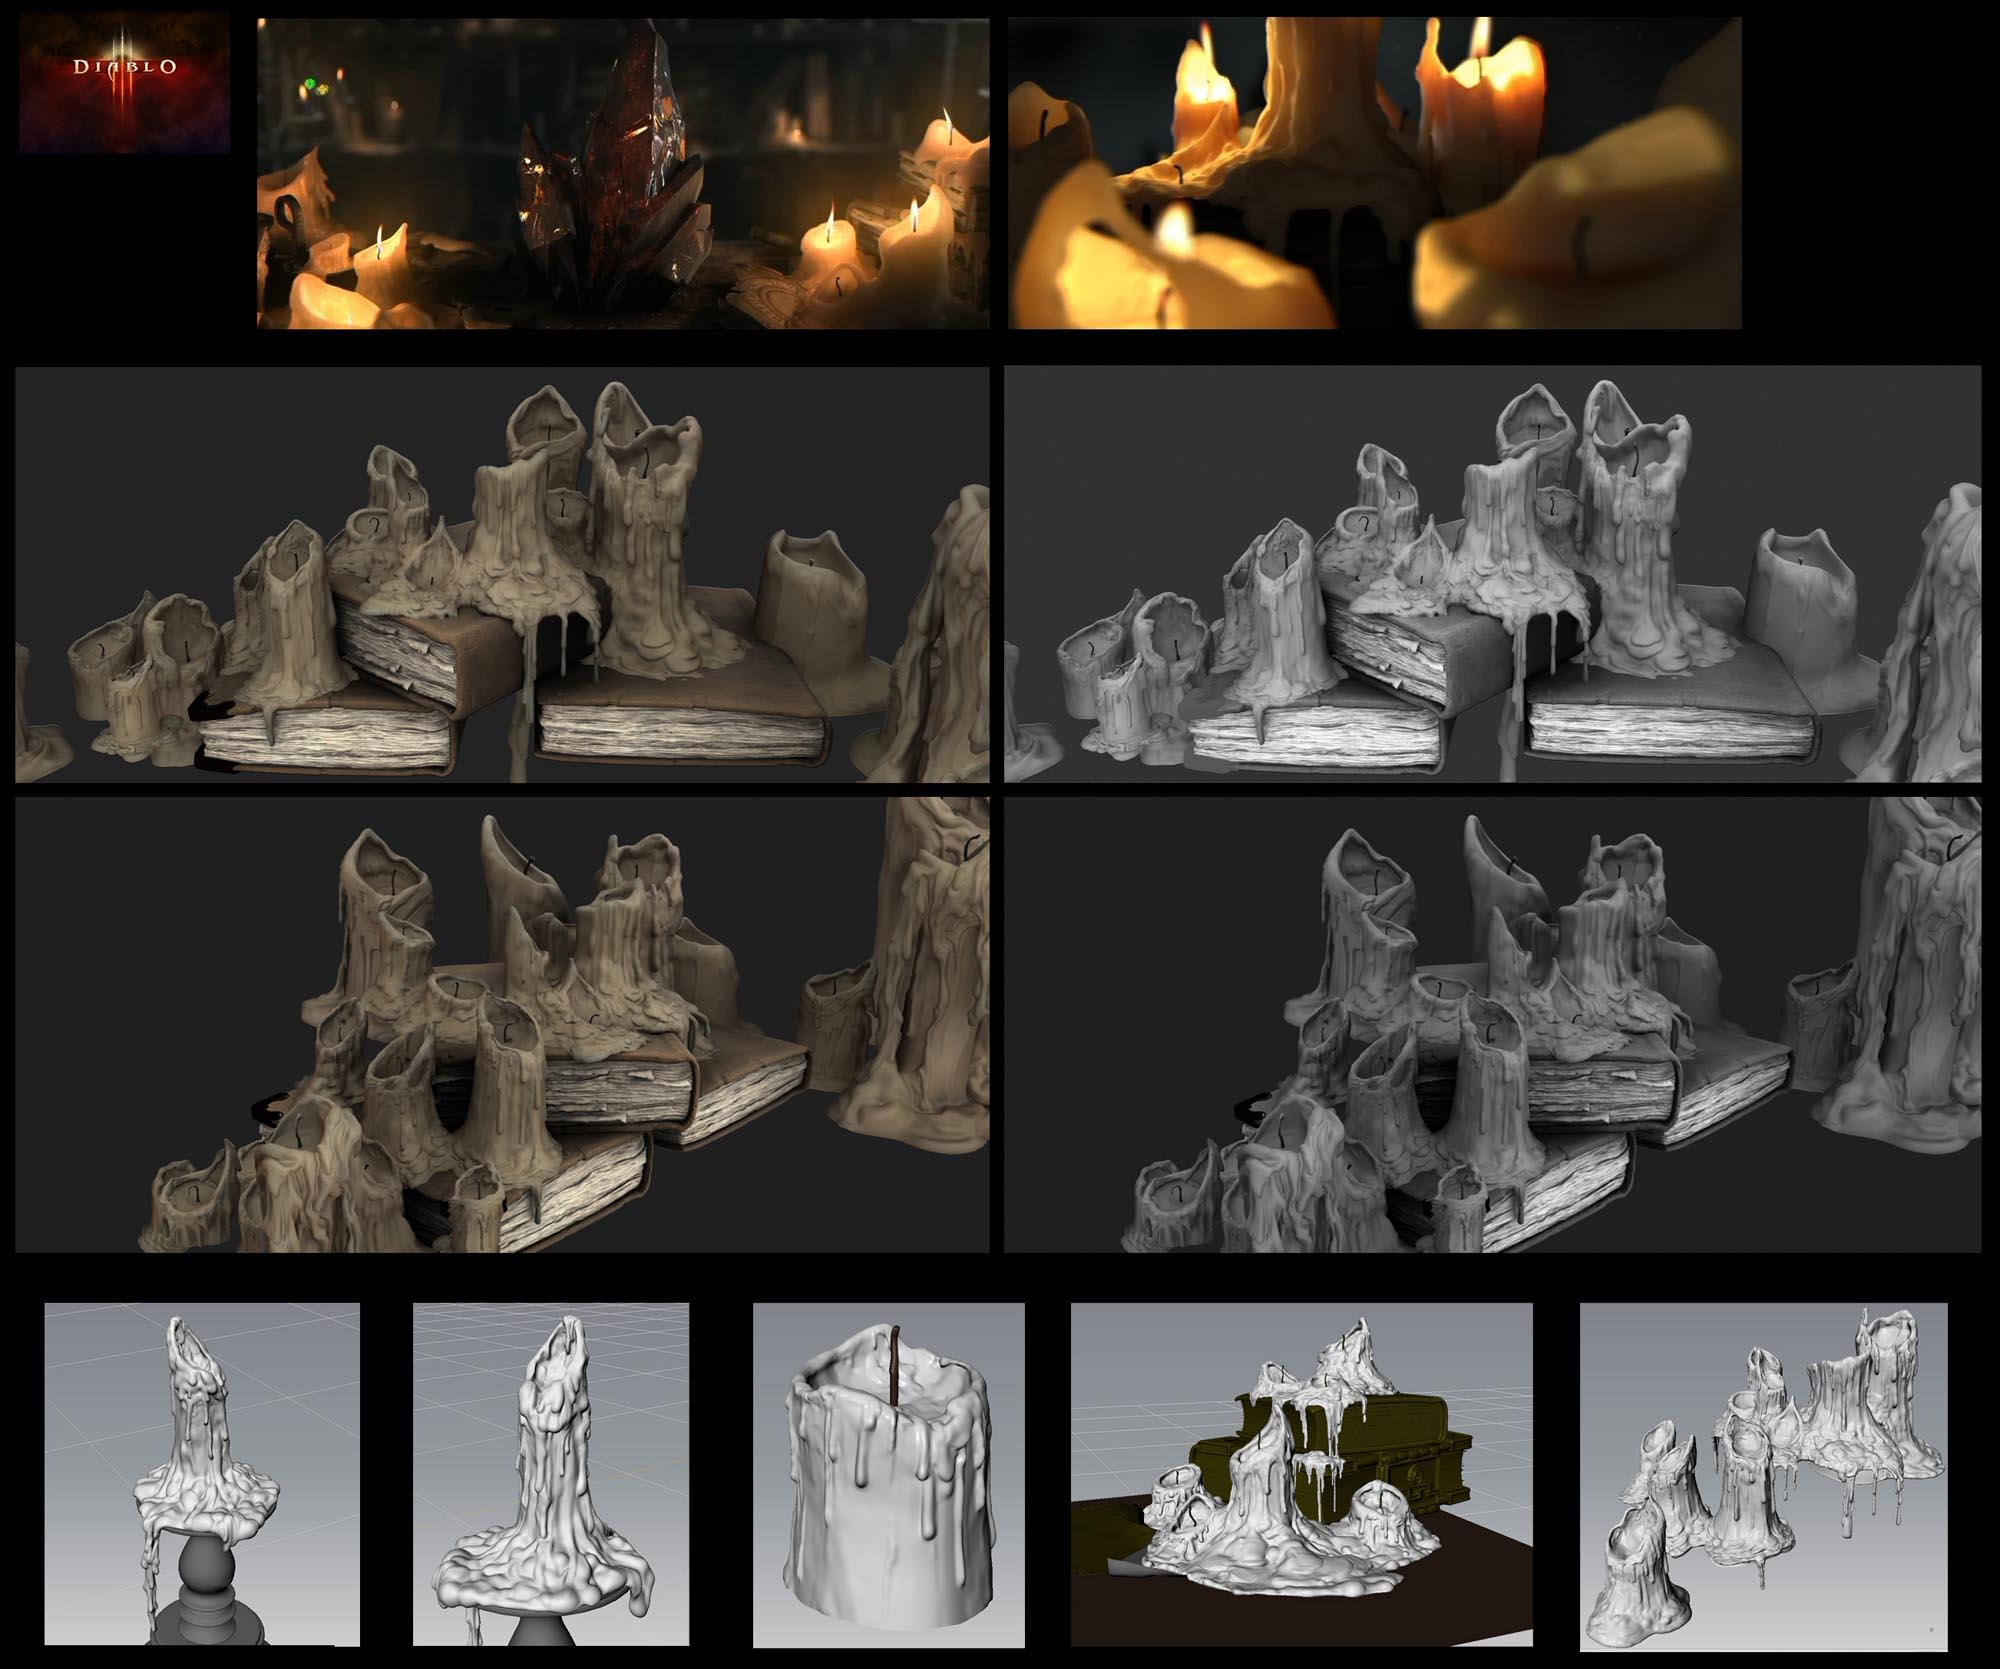 Diablo_3_Candles.jpg